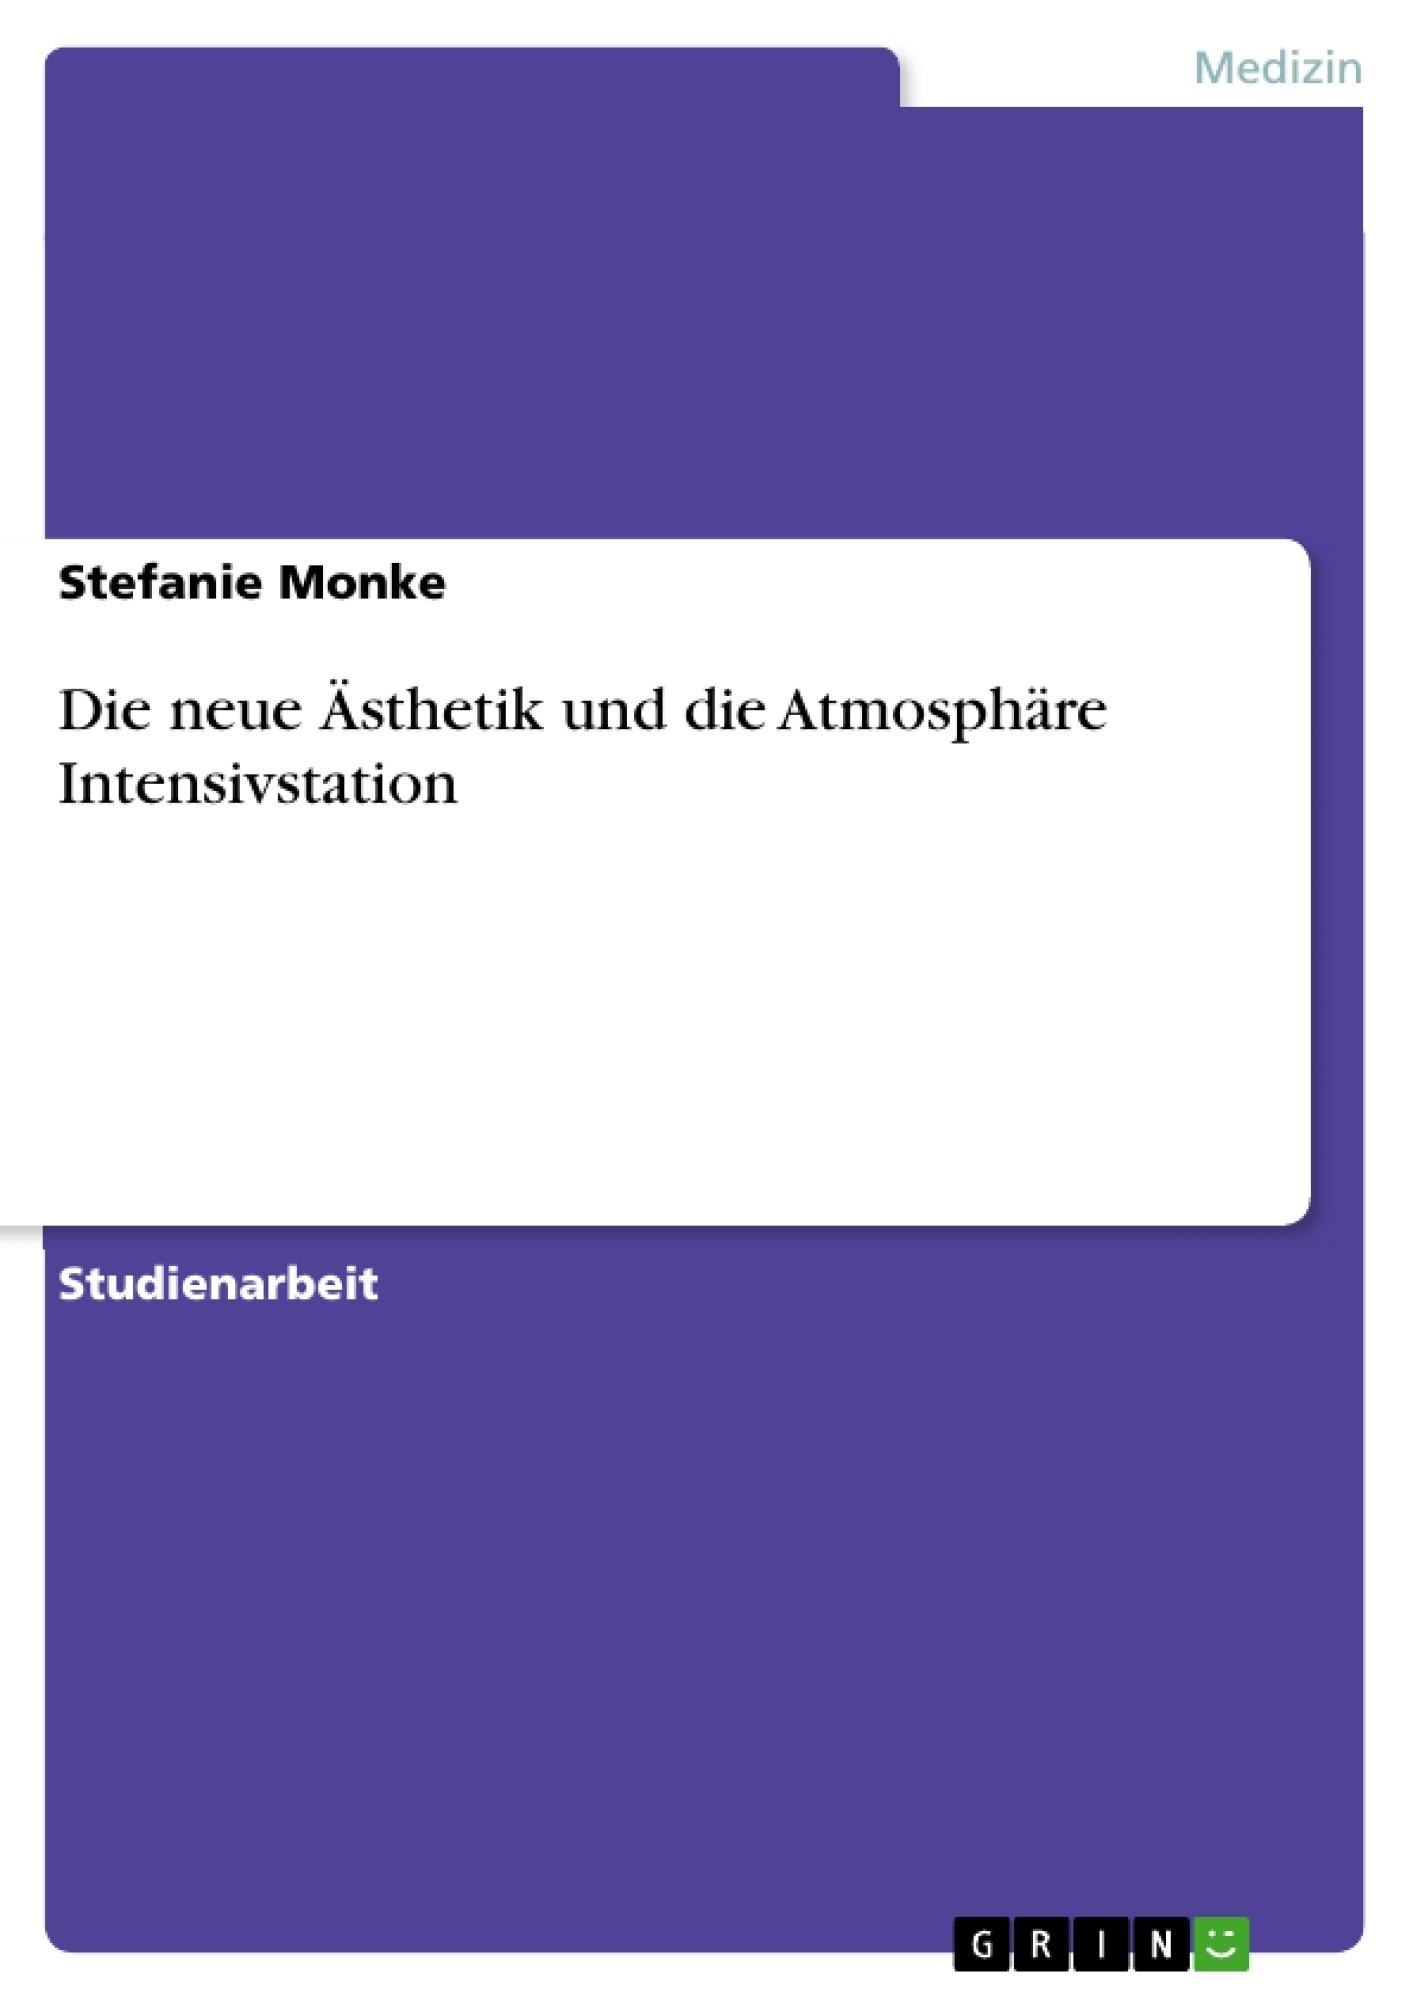 Titel: Die neue Ästhetik und die Atmosphäre Intensivstation